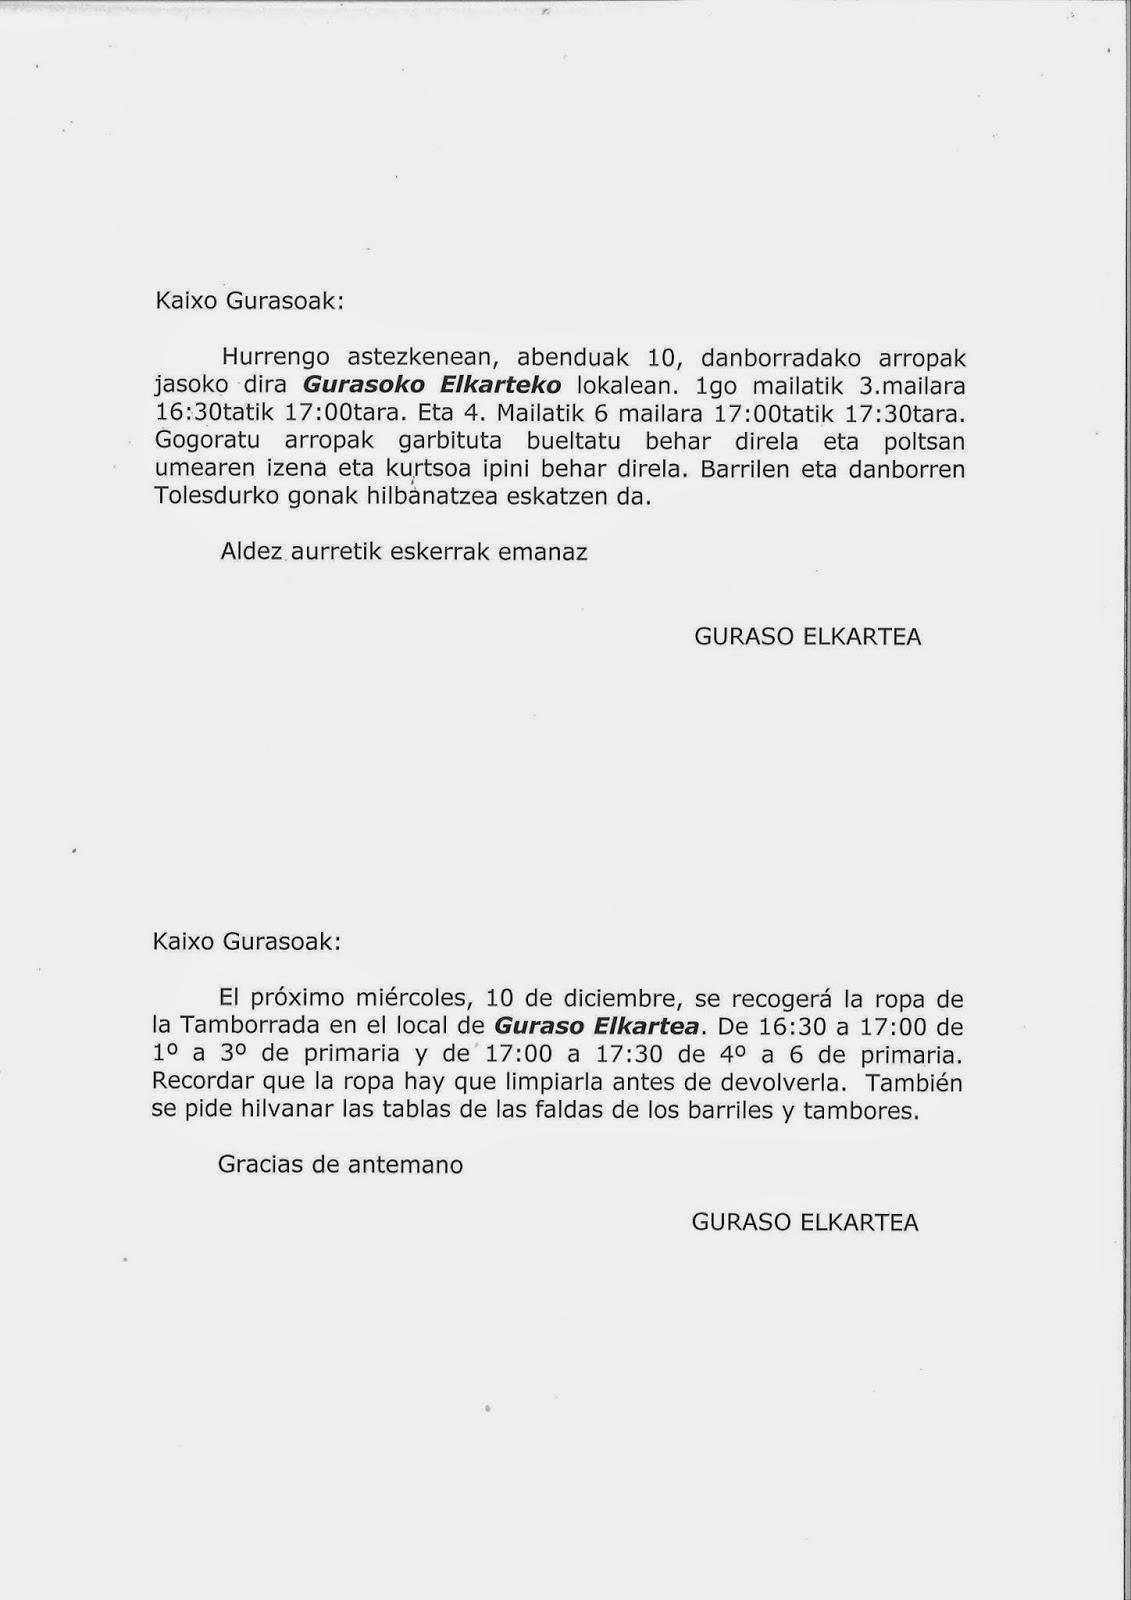 DANBORRADAKO ARROPAK BUELTATZEKO EGUNA / DIA PARA DEVOLVER LAS ROPAS DE LA TAMBORRADA